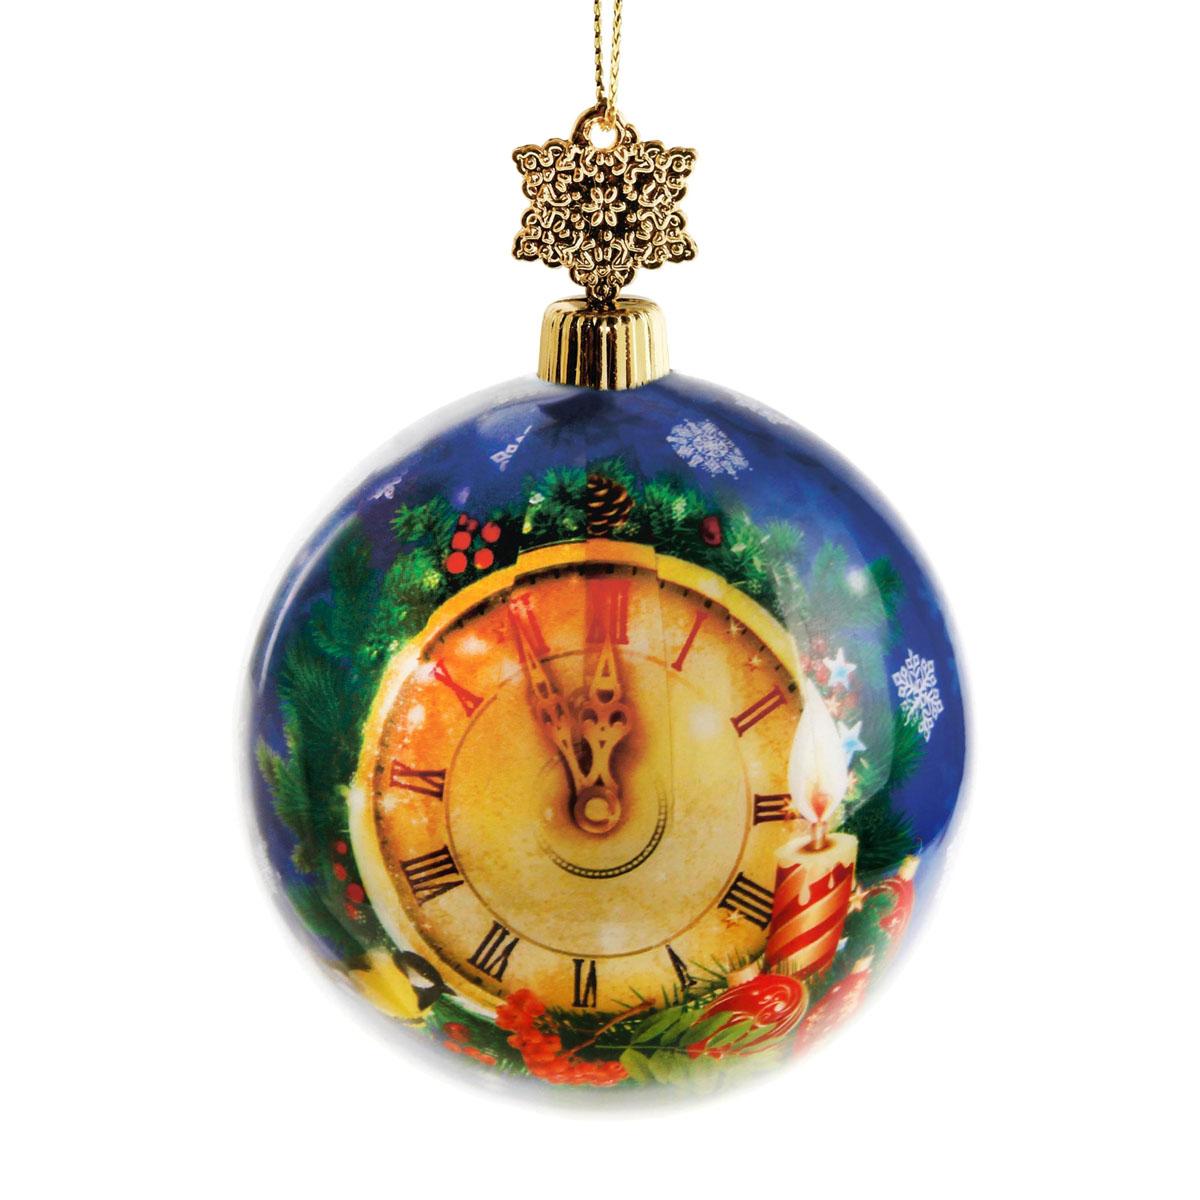 Новогоднее подвесное украшение Sima-land Шар, диаметр 8 см. 279333K100Новогоднее подвесное украшение Sima-land выполнено из высококачественного пенопласта в форме шара и покрыто цветной пленкой. Шар декорирован изображением курантов. С помощью специальной петельки украшение можно повесить в любом понравившемся вам месте. Но, конечно, удачнее всего такой набор будет смотреться на праздничной елке.Елочная игрушка - символ Нового года. Она несет в себе волшебство и красоту праздника. Создайте в своем доме атмосферу веселья и радости, украшая новогоднюю елку нарядными игрушками, которые будут из года в год накапливать теплоту воспоминаний. Материал: пенопласт, пленка, текстиль, пластик.